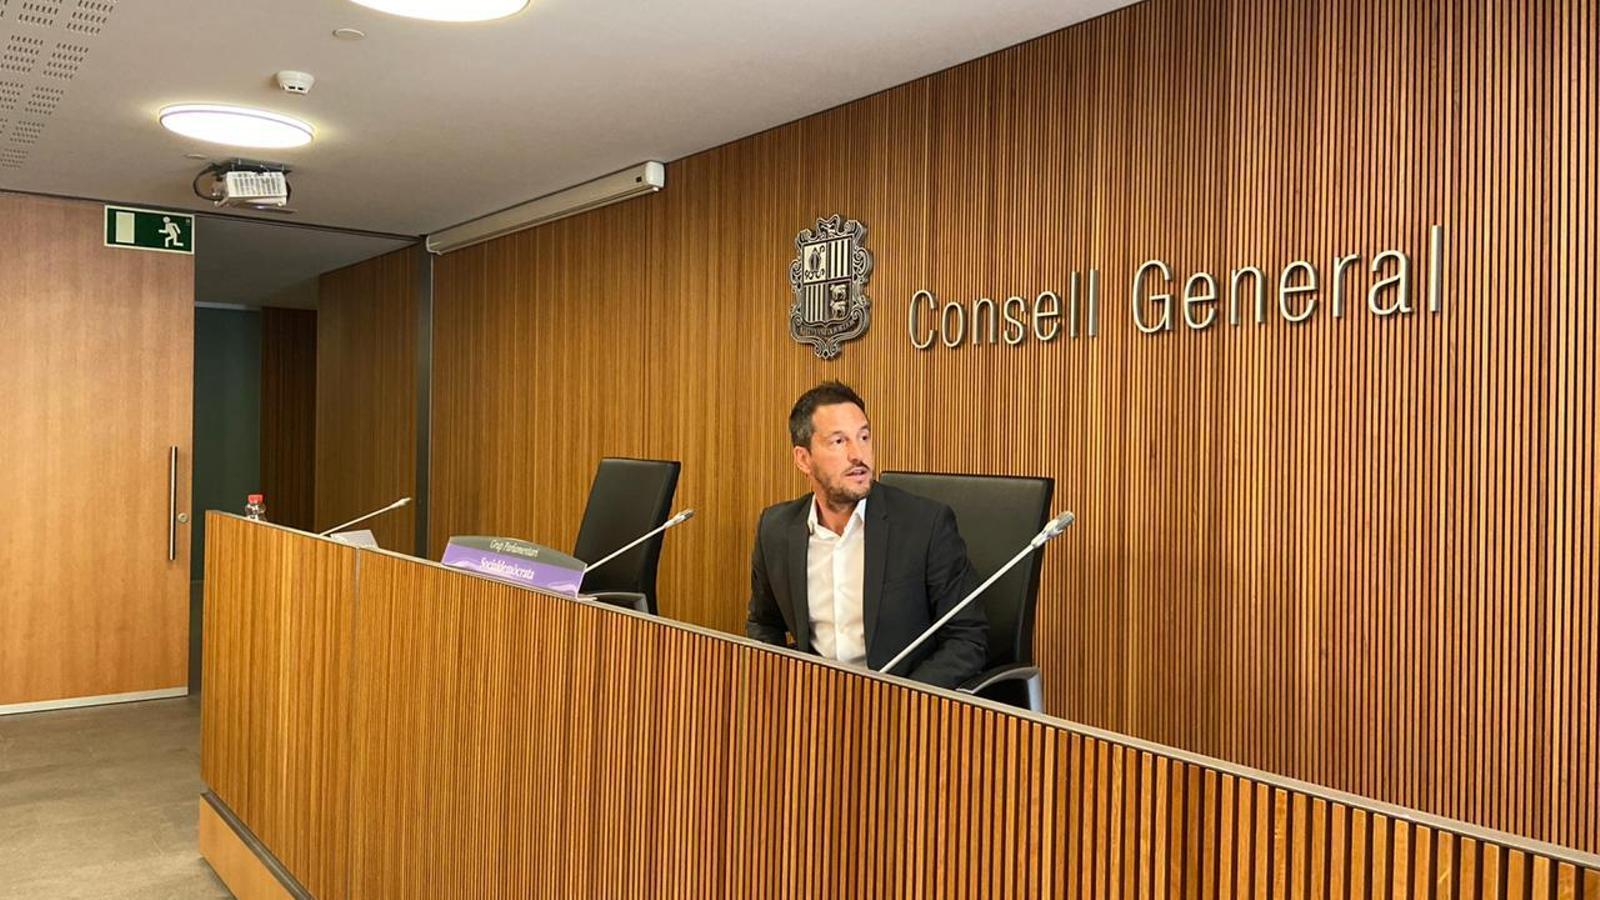 El president del grup parlamentari socialdemòcrata, Pere López, durant la roda de premsa. / PS